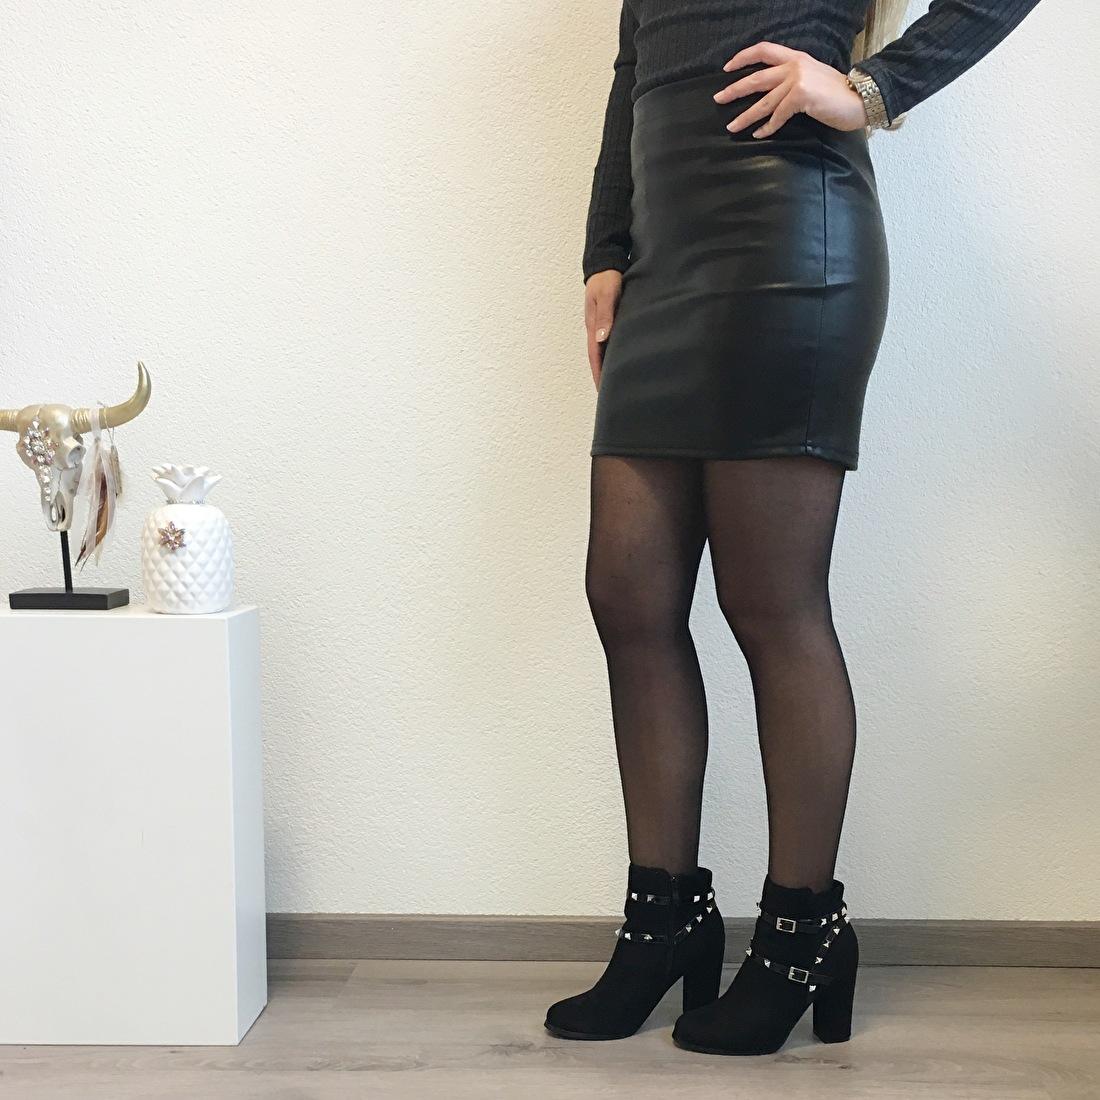 https://www.byminettes.nl/a-48961944/jurken-rokken/leatherlook-skirt/